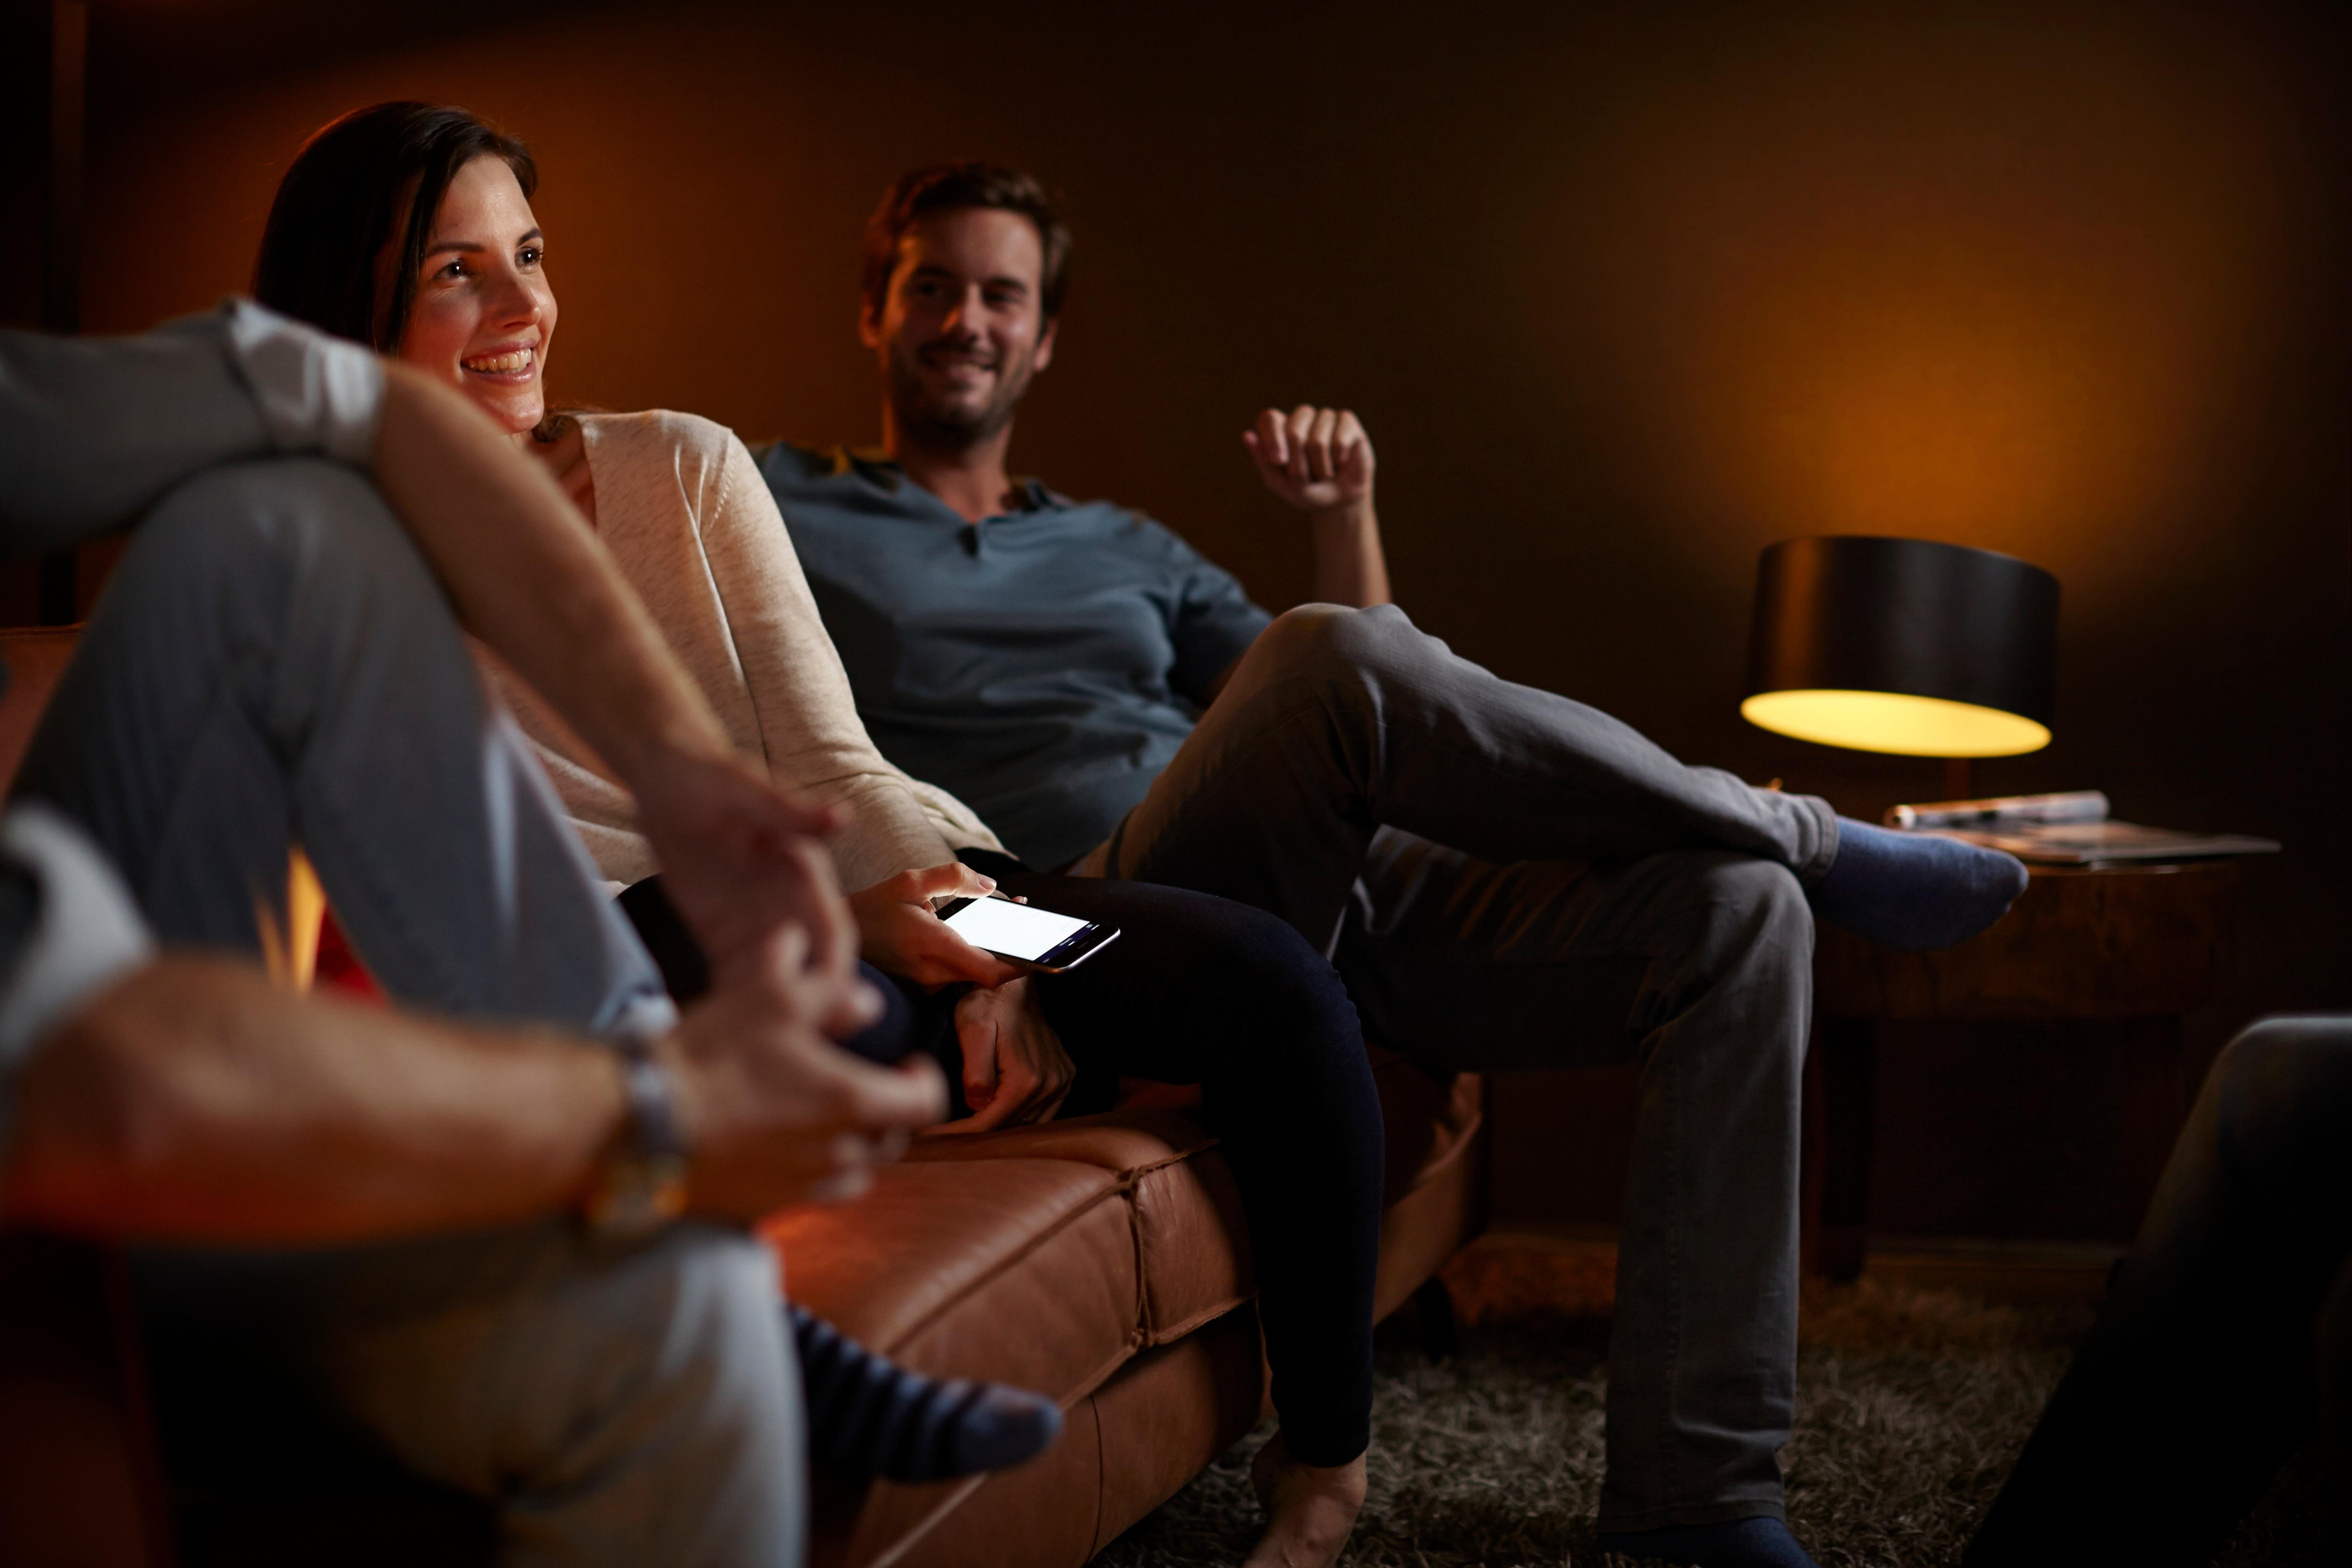 siri mach mein zuhause gem tlich fiktion wird realit t philips hue und apple homekit. Black Bedroom Furniture Sets. Home Design Ideas